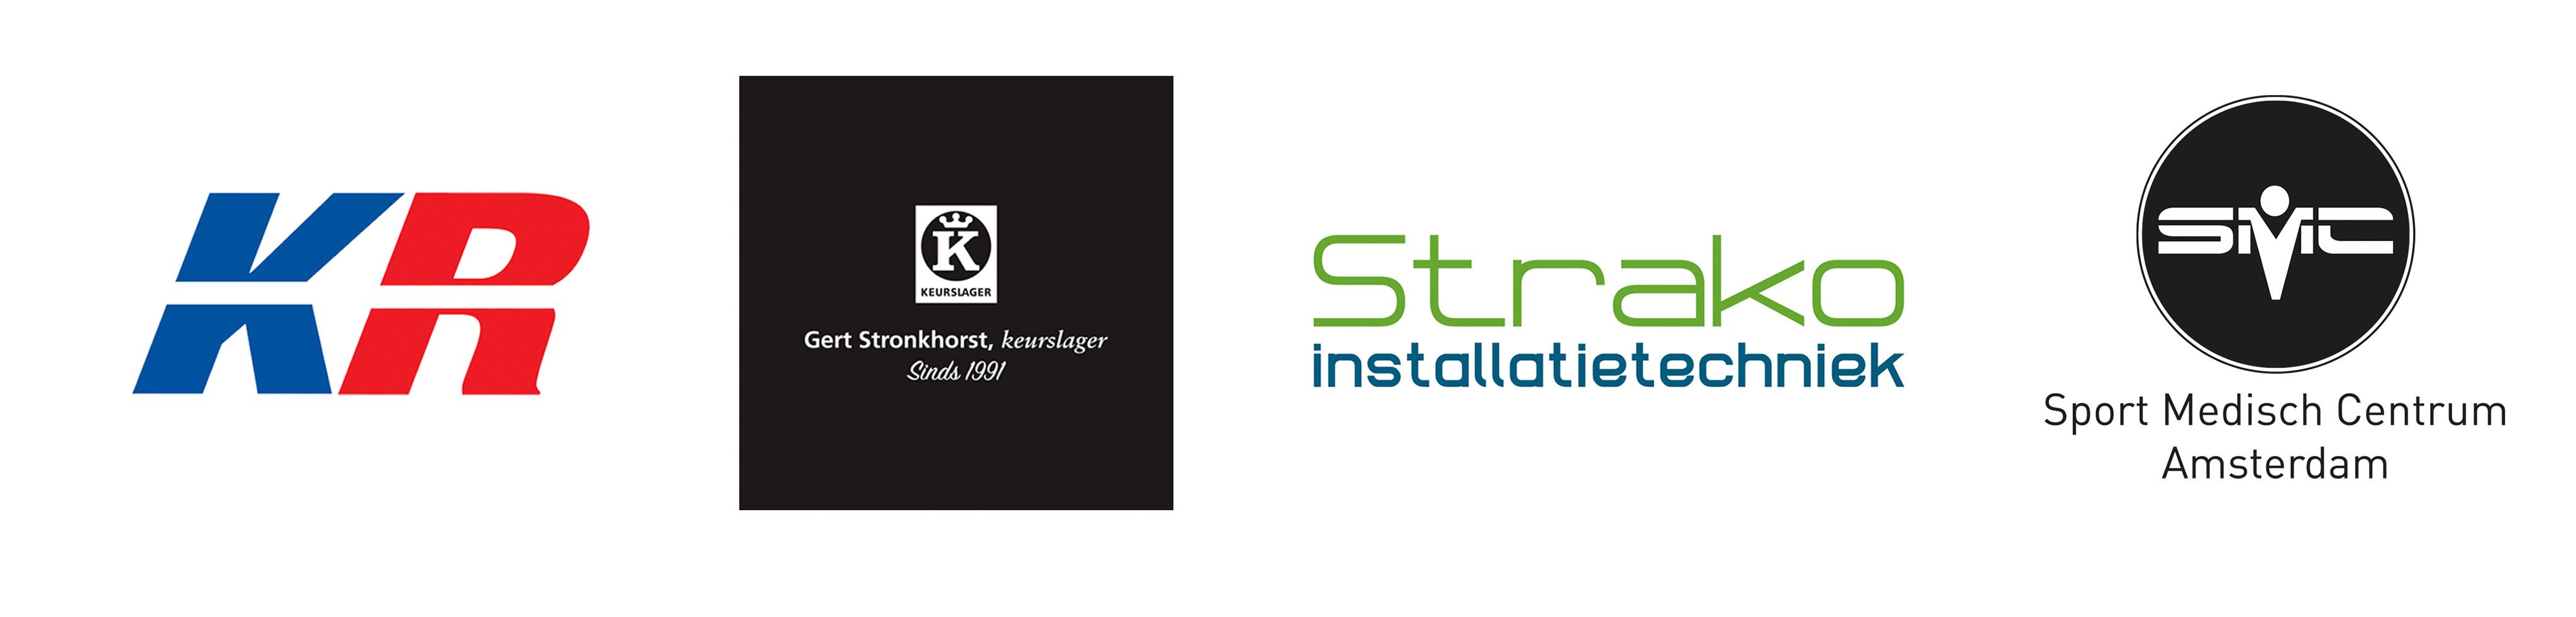 Logo SMC & Koopman Racing & Gert Stronthorst & HofHoorneman & Strako